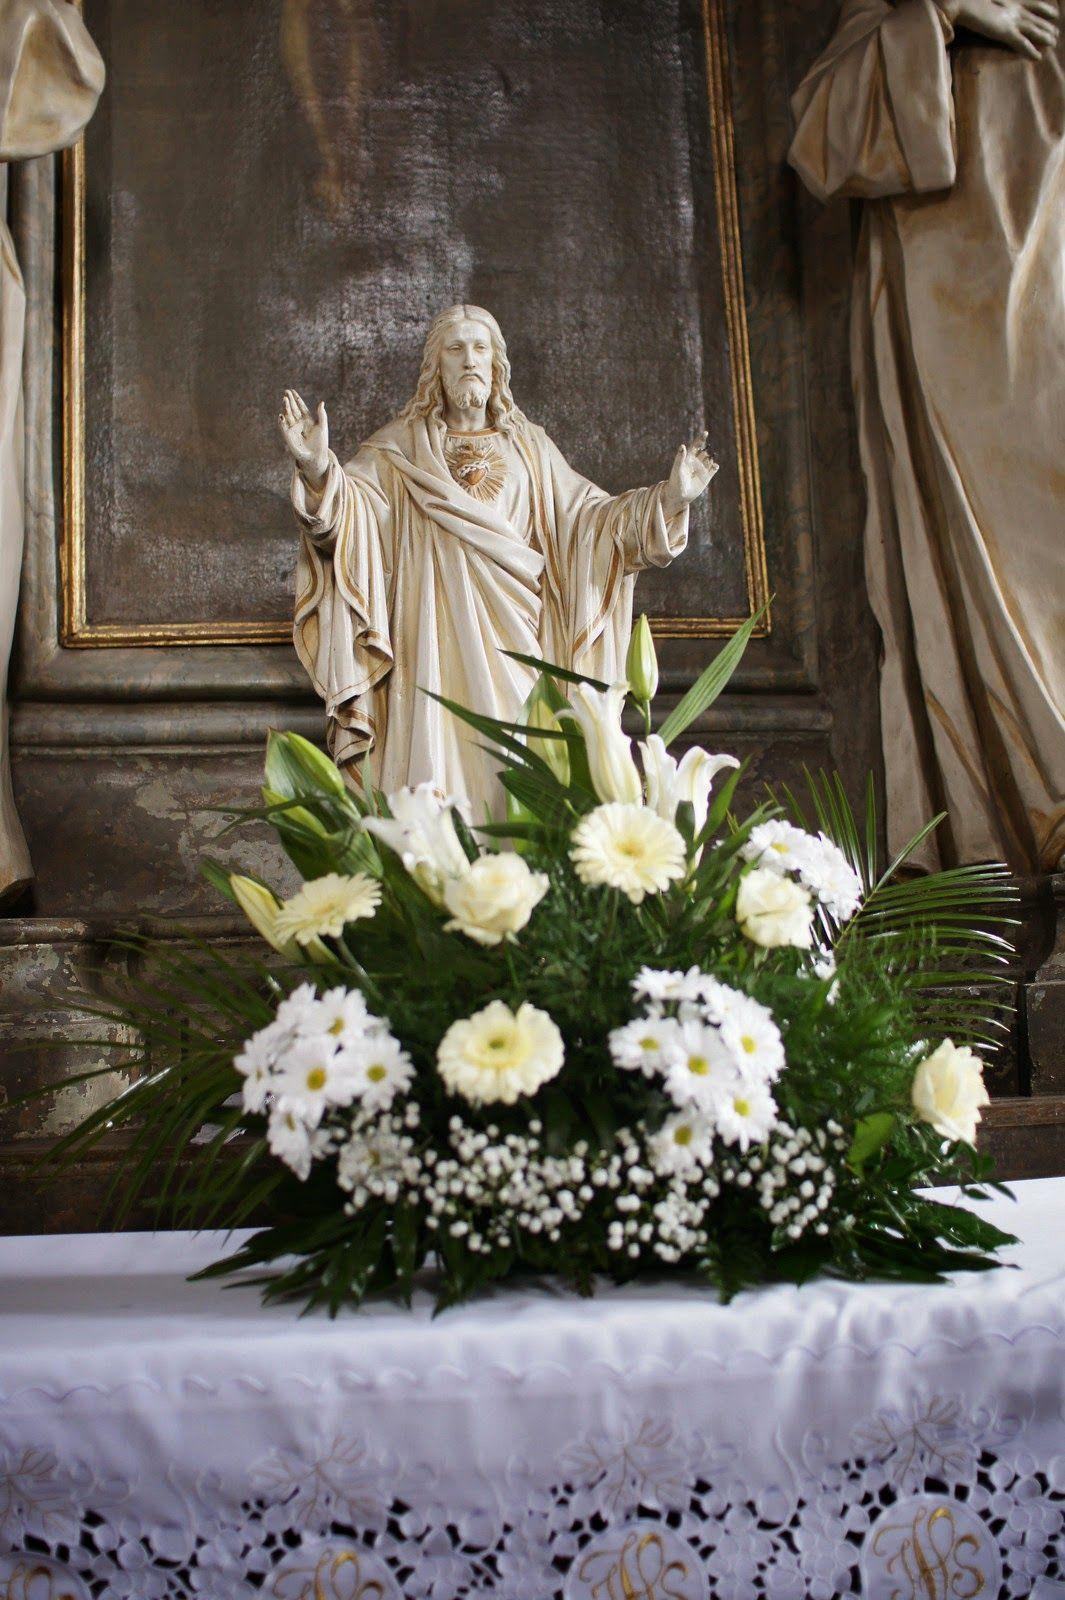 Kompozycje Kwiatowe Do Kosciola Na Slub Czyli Pracuje Tylko Do Drugiej W Nocy Altar Arrangement Flowers Arrangement